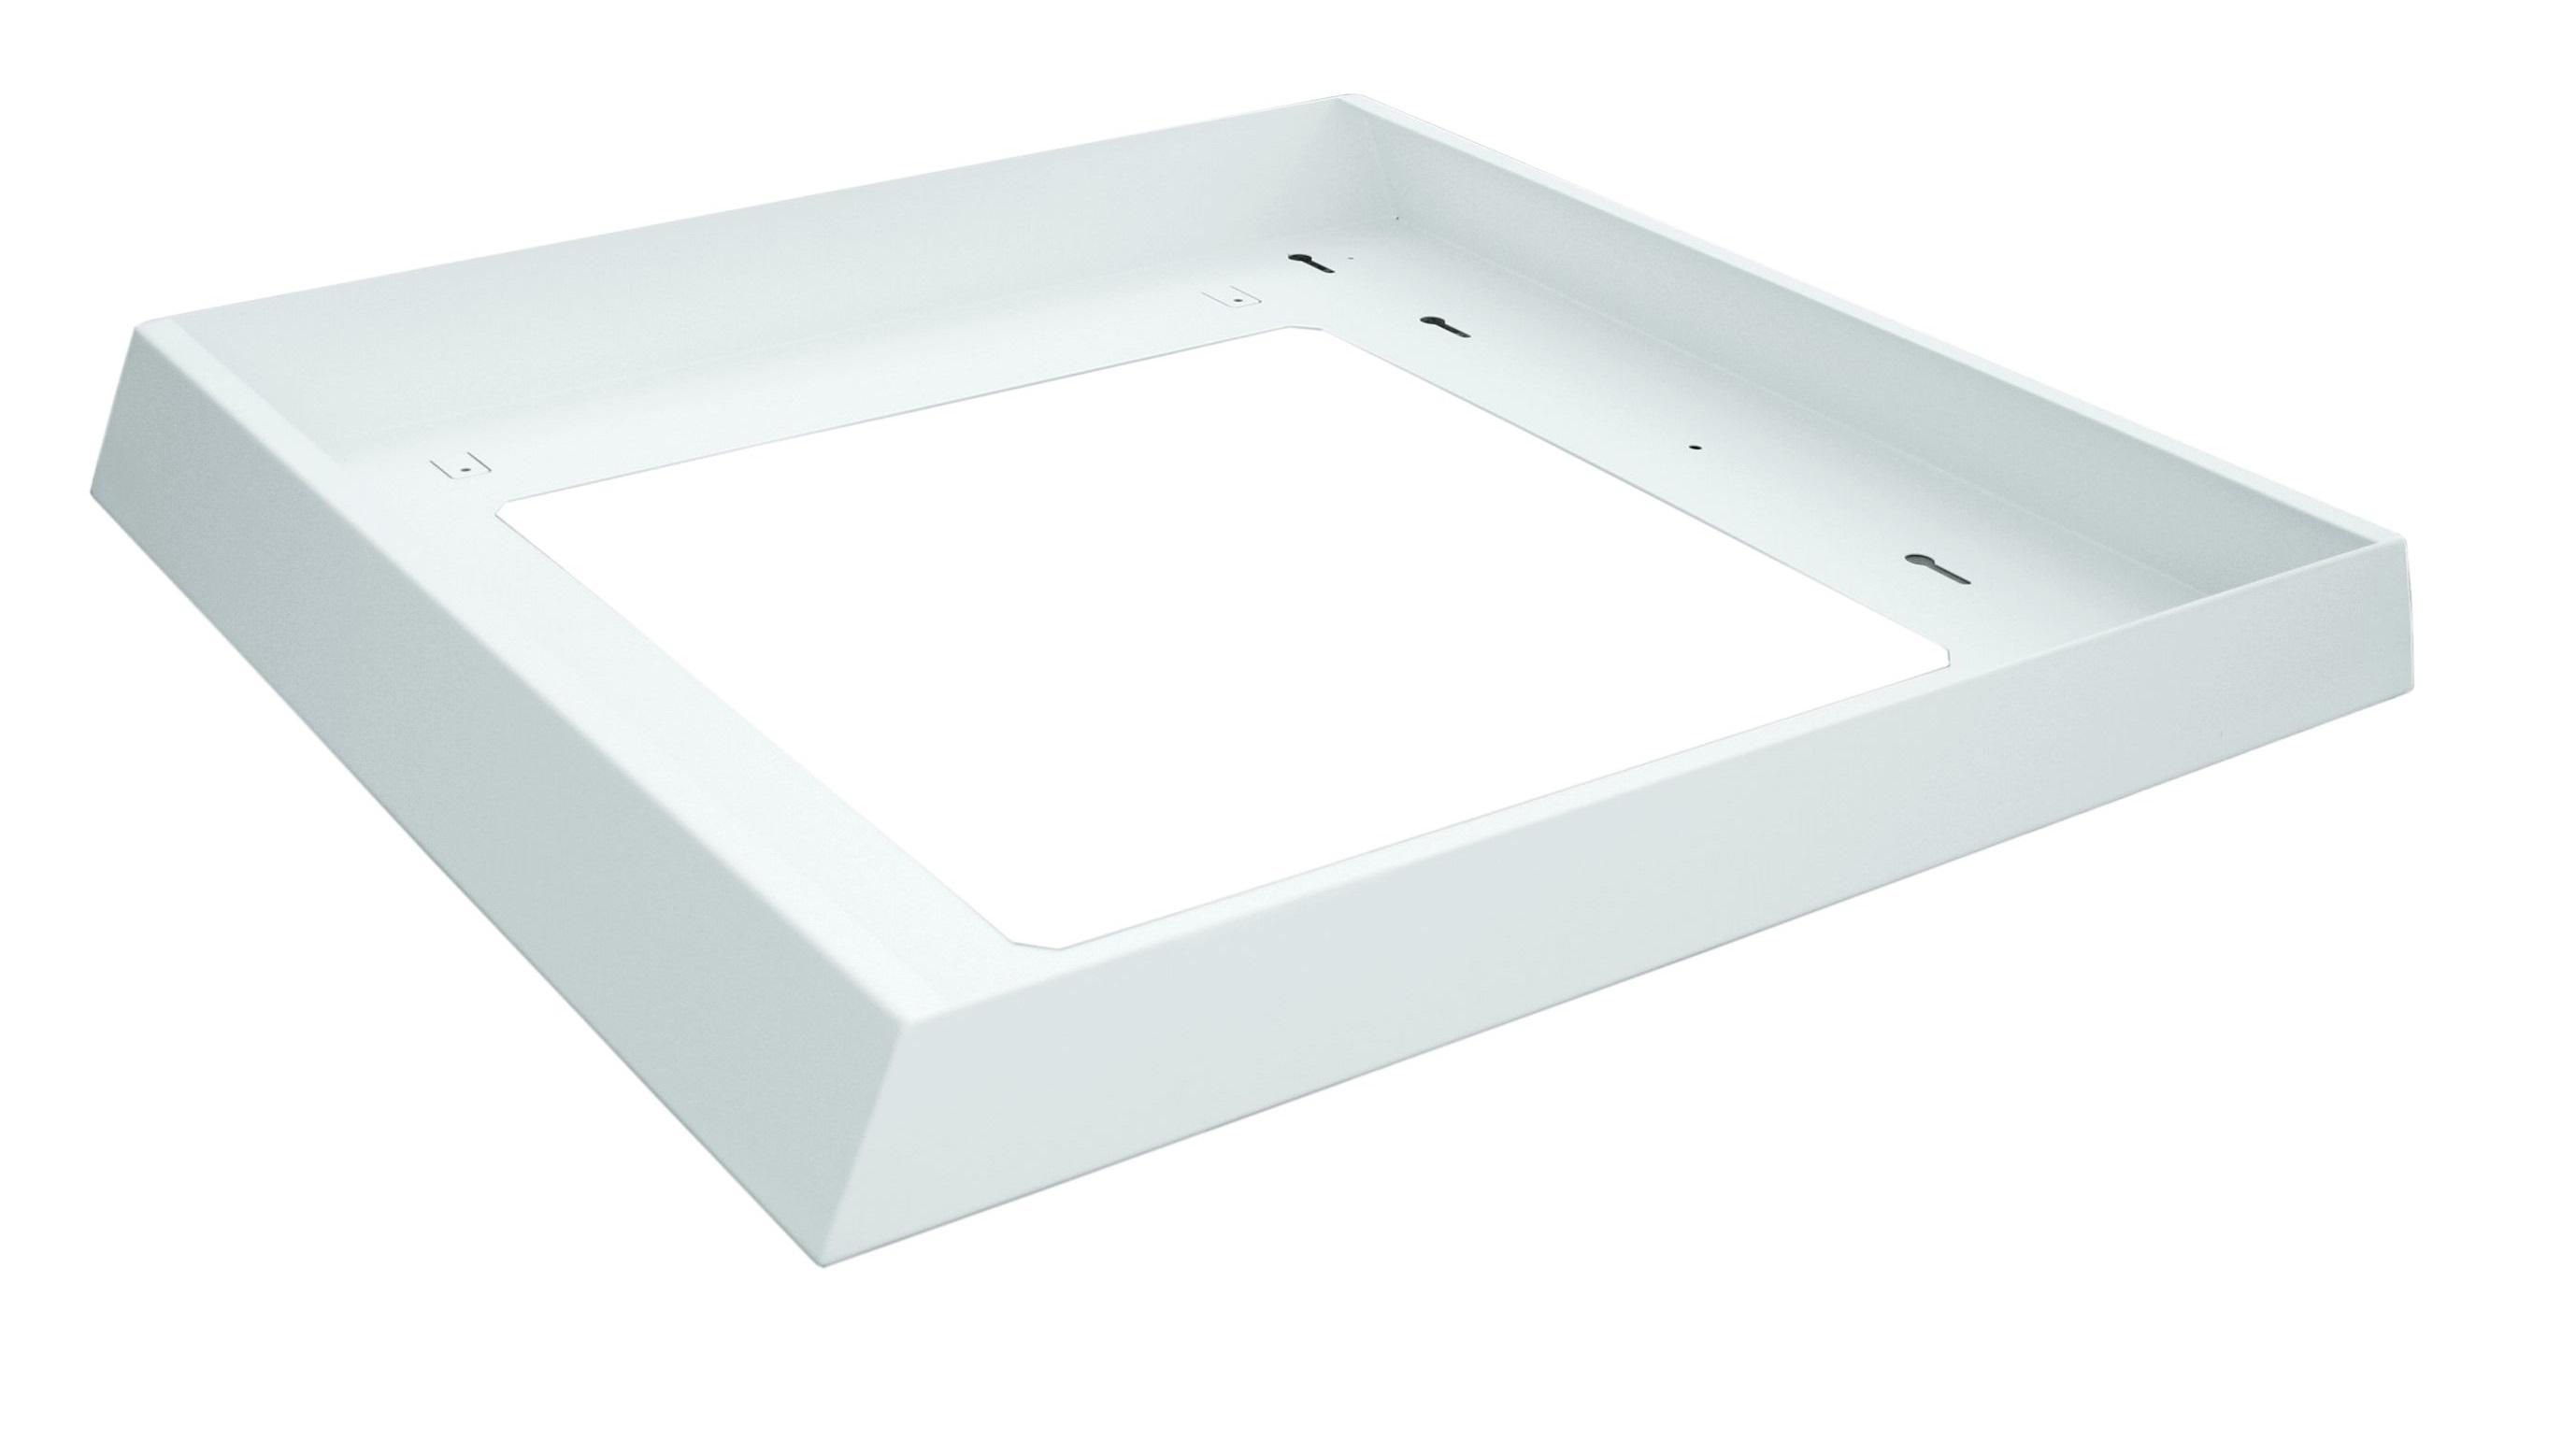 1 Stk Aufbaurahmen für LED Panel LANO 3 625x625mm, weiß LIARABR625